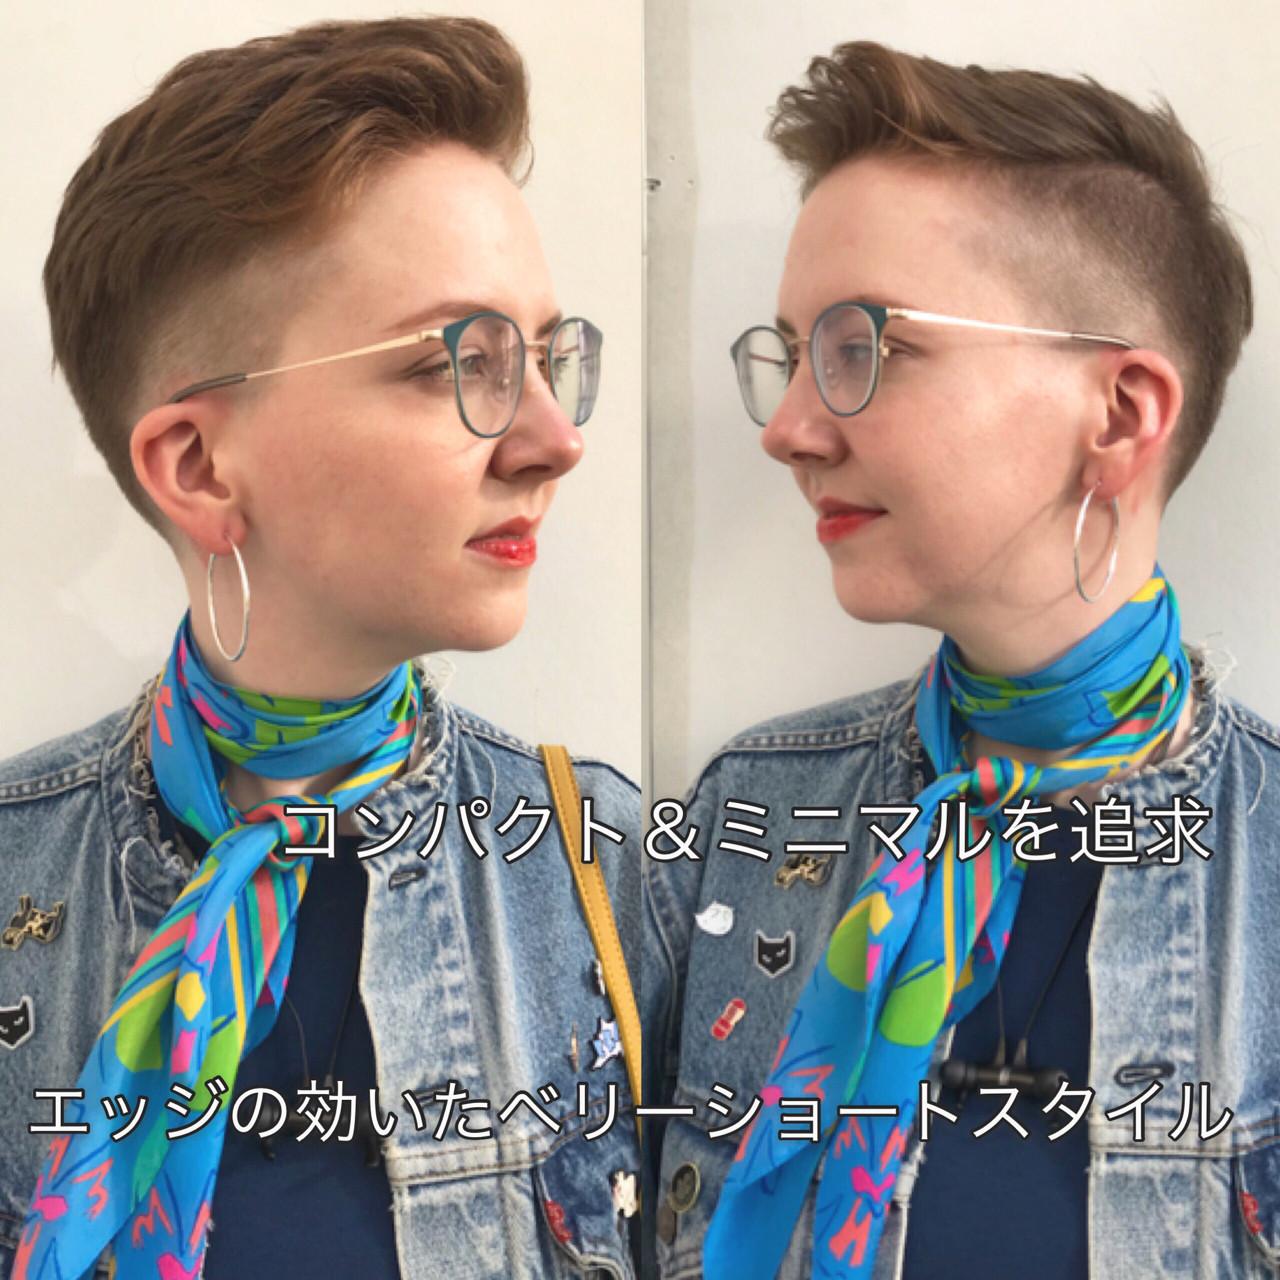 刈り上げ ボブ モード アウトドア ヘアスタイルや髪型の写真・画像